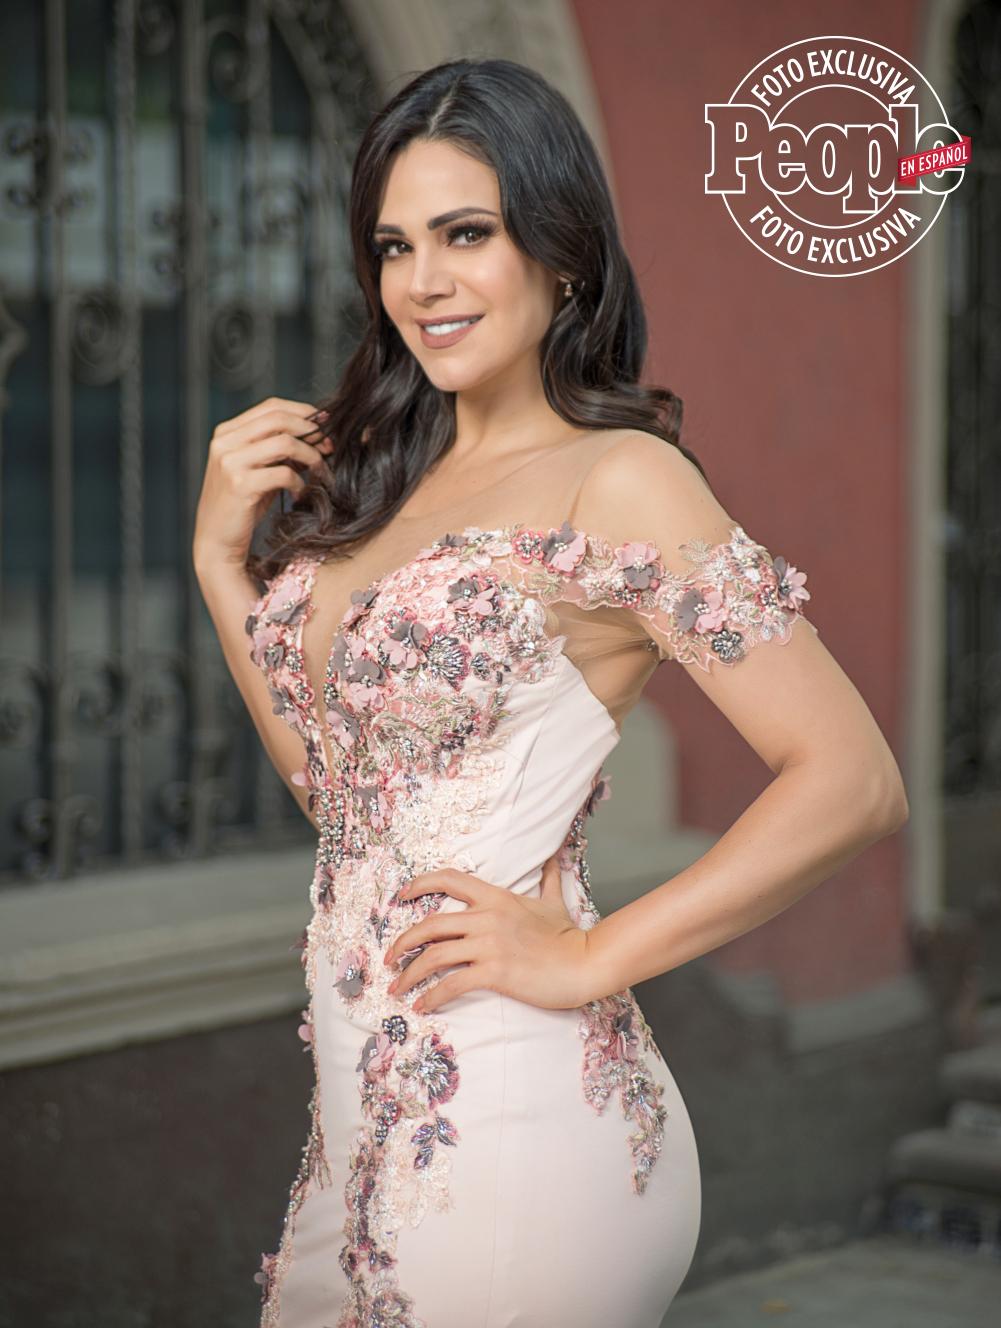 Luz Elena Gonzalez- ONE TIME USE